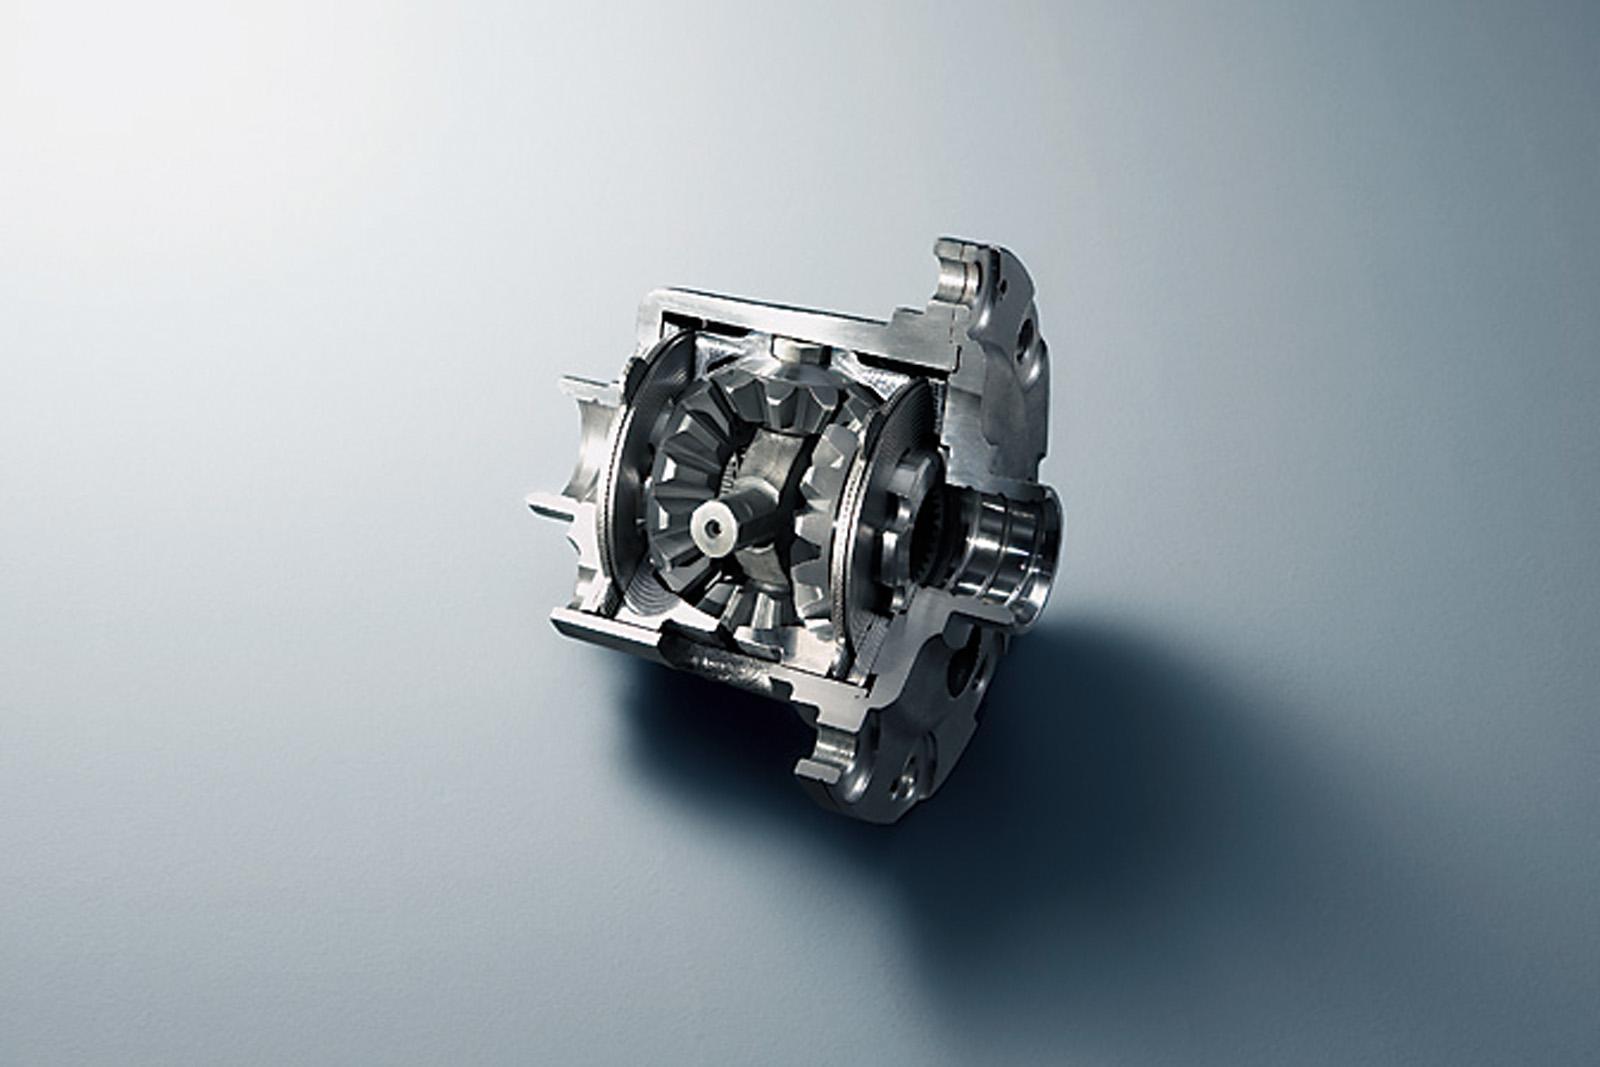 2011 Subaru Impreza WRX STI Spec C - фотография №15